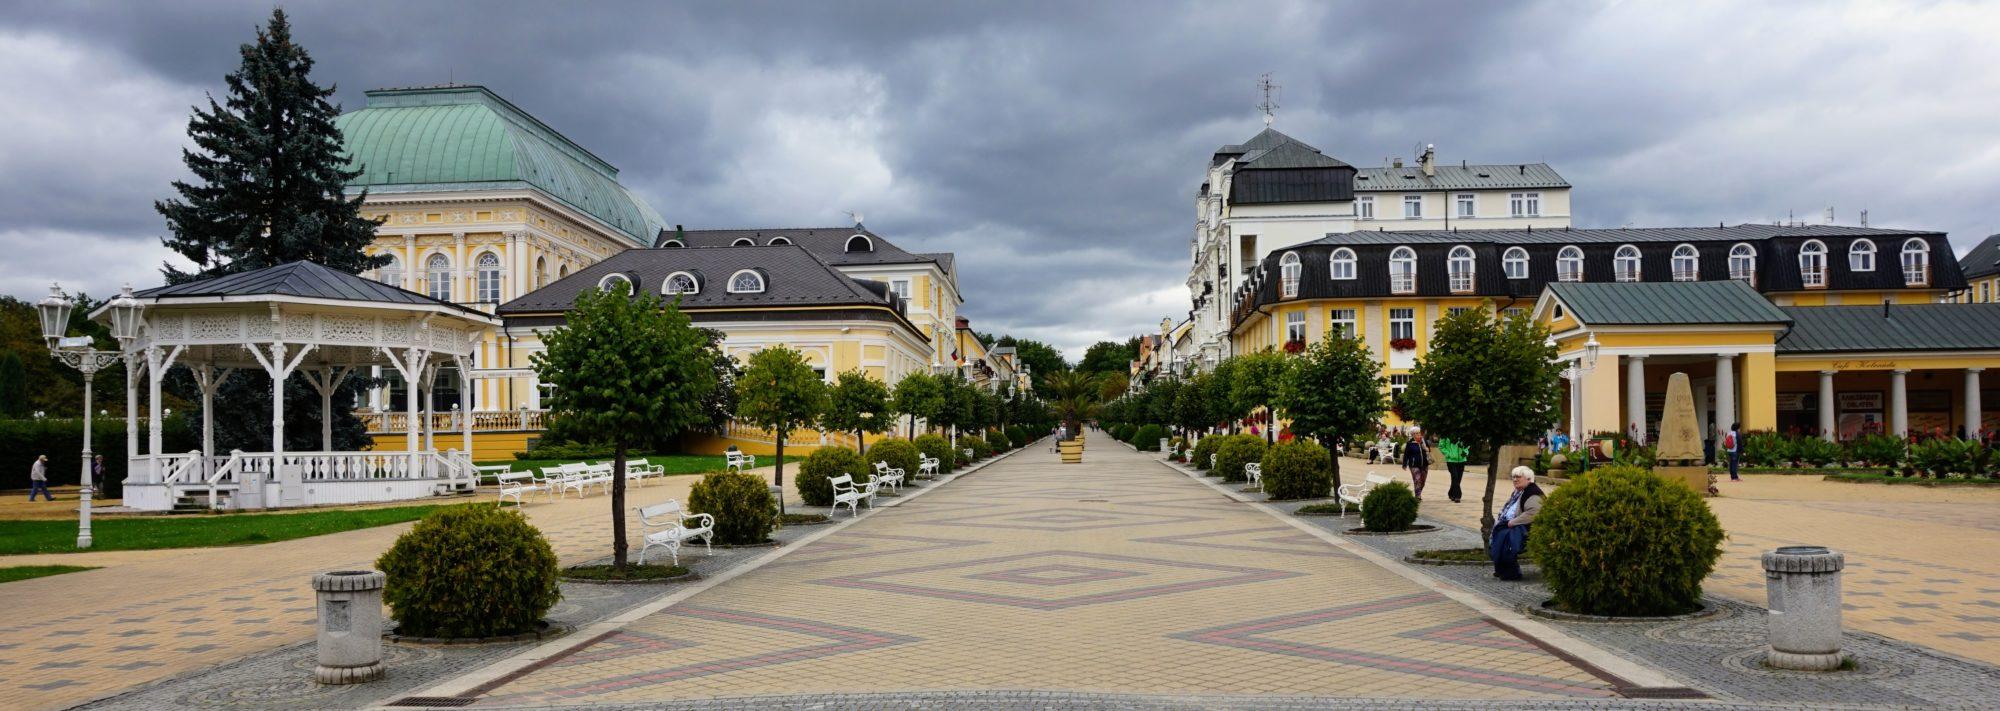 Mondäner Kurort Franzensbad im alten Egerland | Tschechien